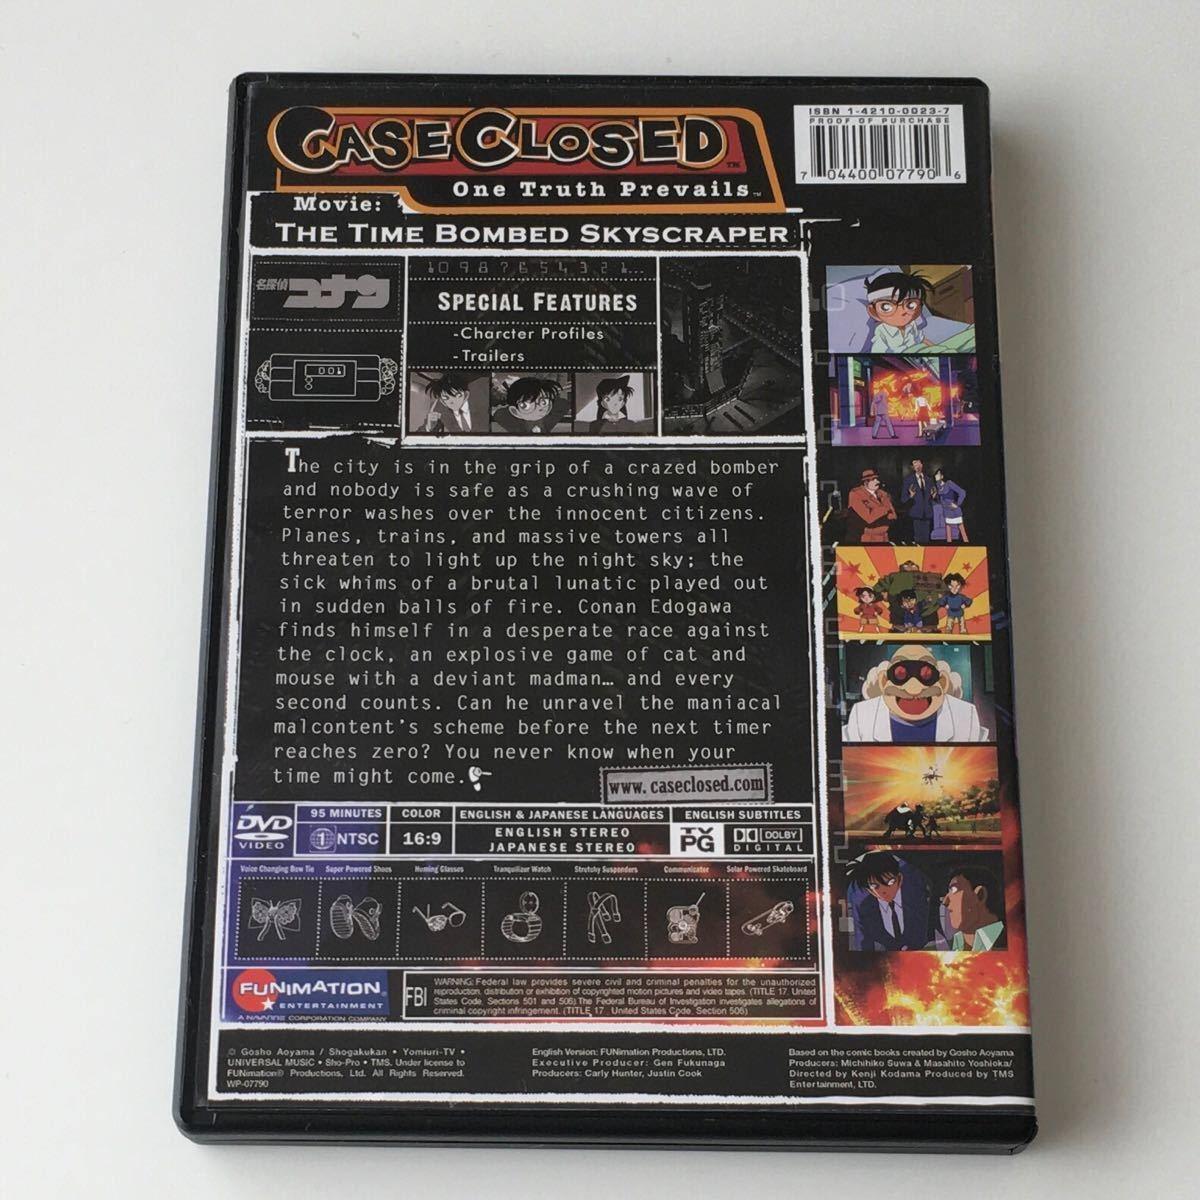 名探偵コナン 英語版 DVD  CASE CLOSED  劇場版 Movie ムービー 時計じかけの摩天楼